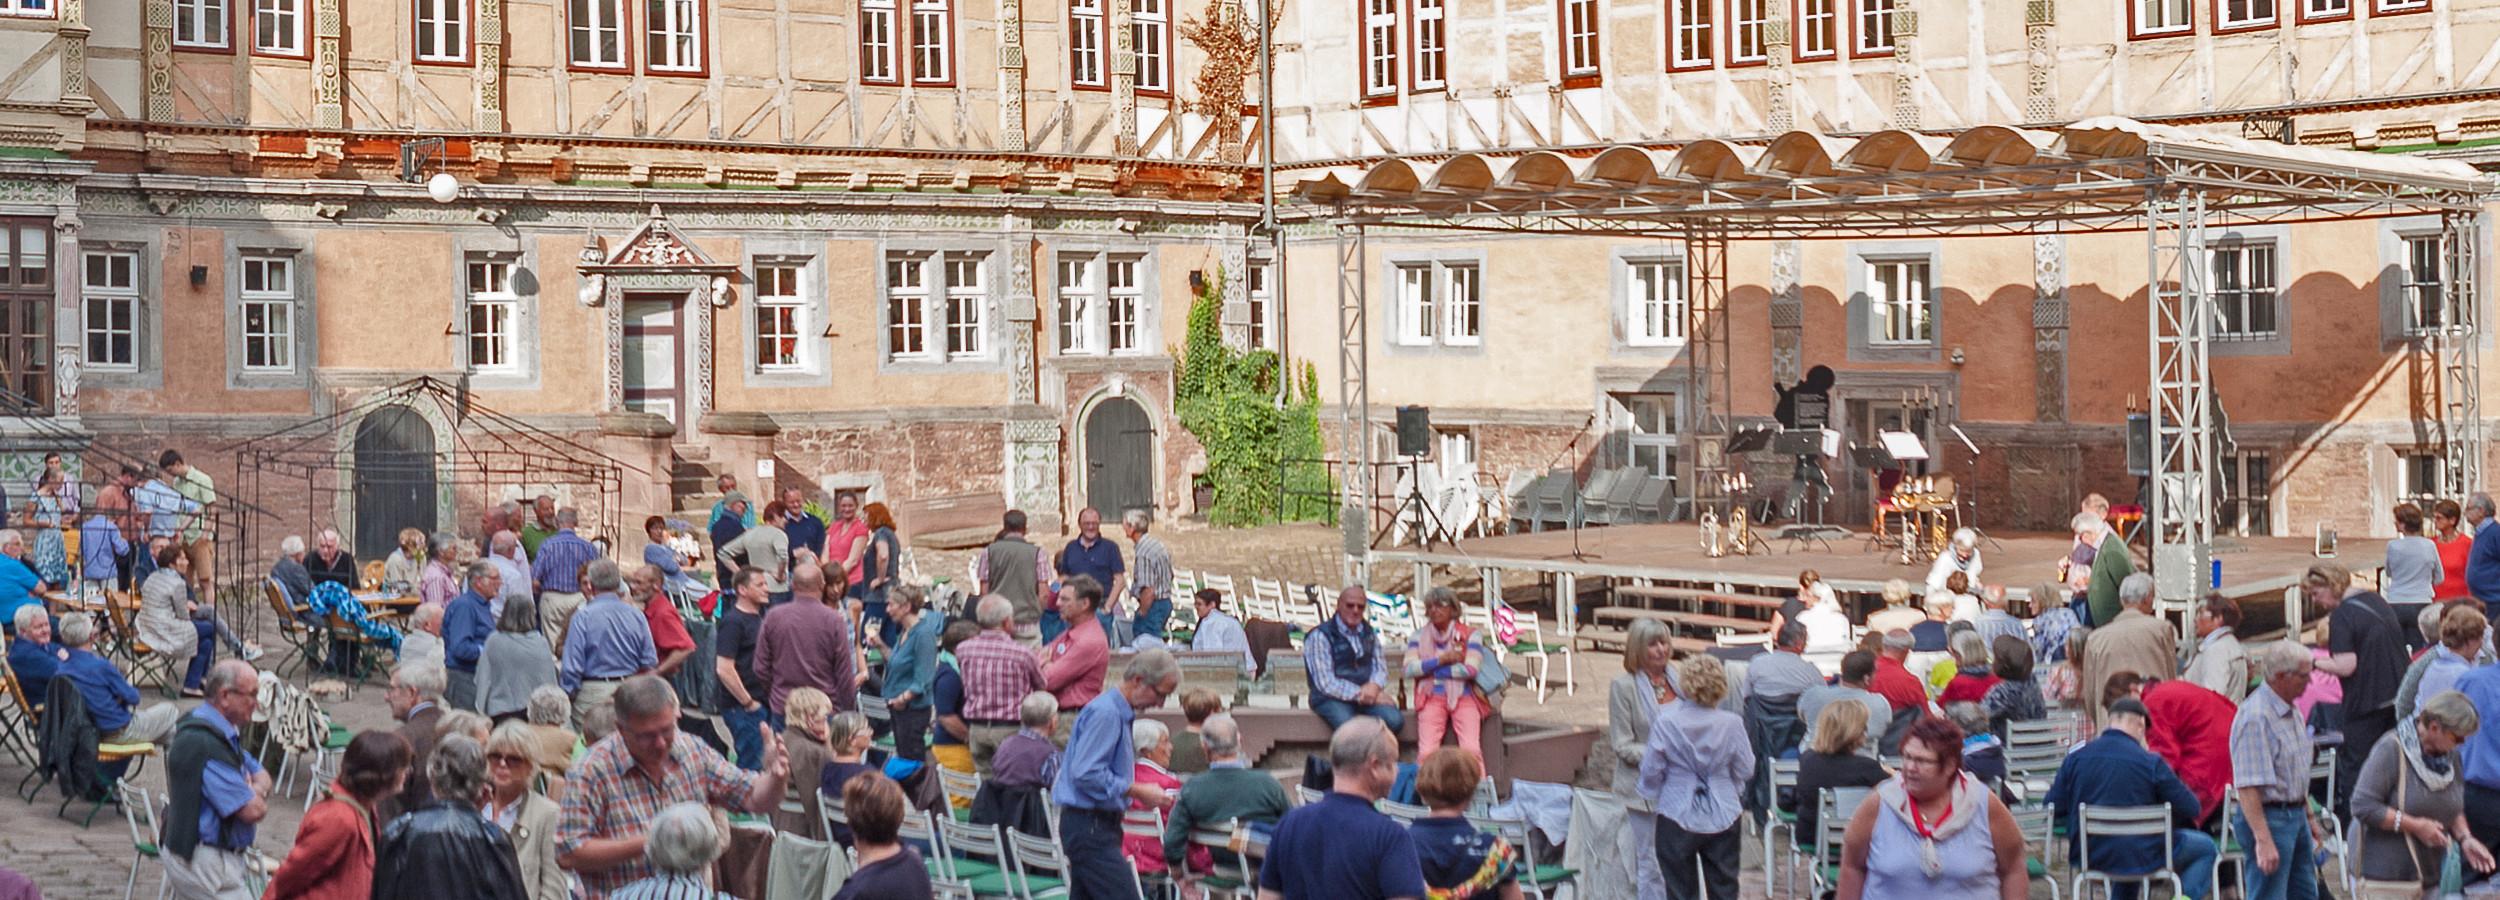 Meine Freundin Conni Ausmalbilder Genial Schloss Bevern Schloss Bevern Bilder